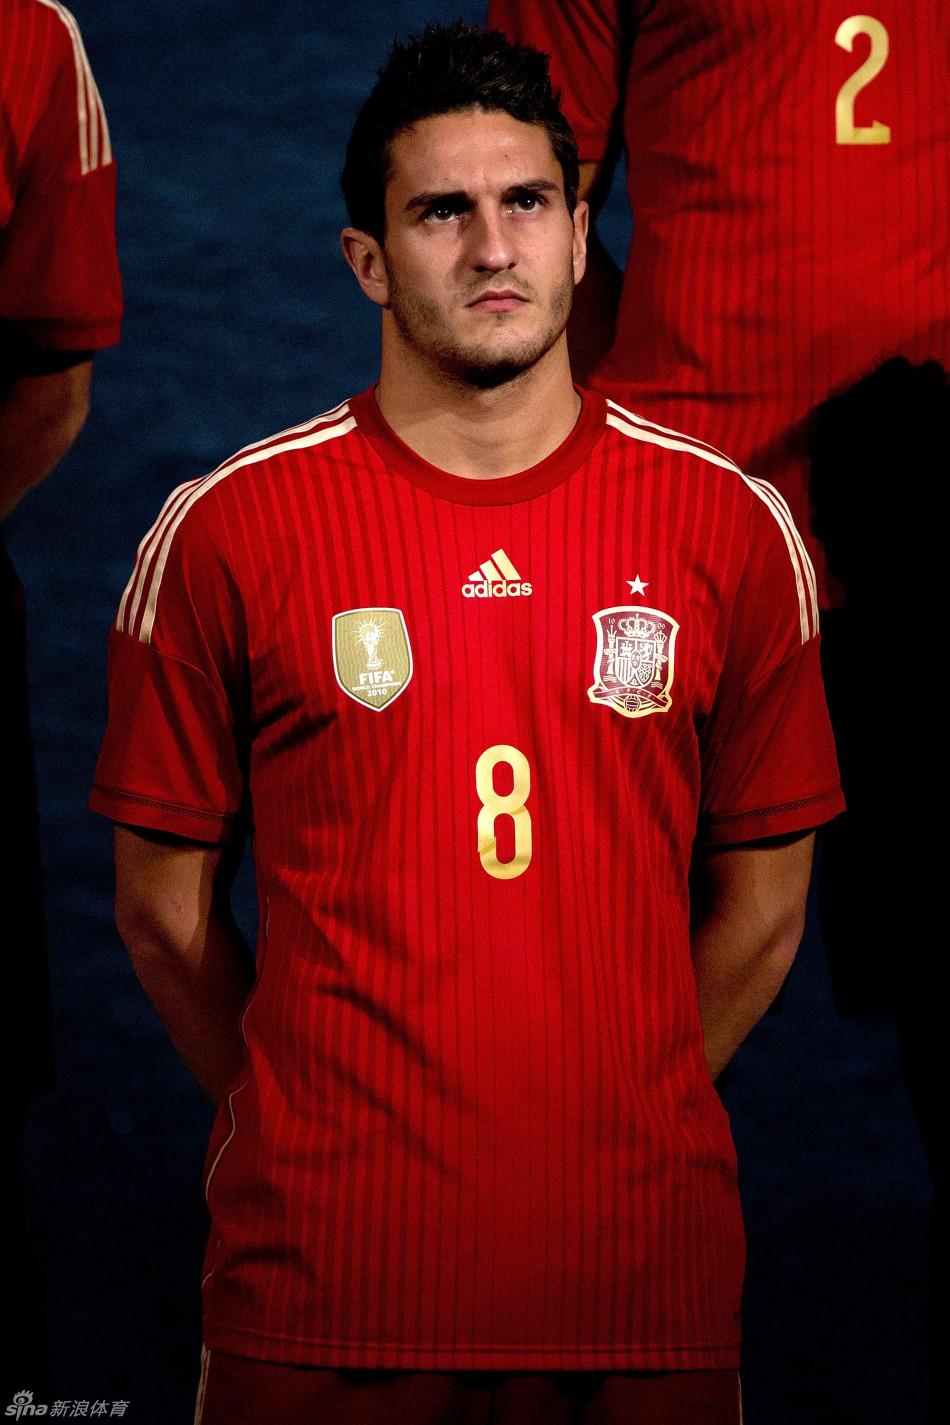 斗牛士军团的世界杯球衣依然采用传统的红色,所区别的是短裤并非图片